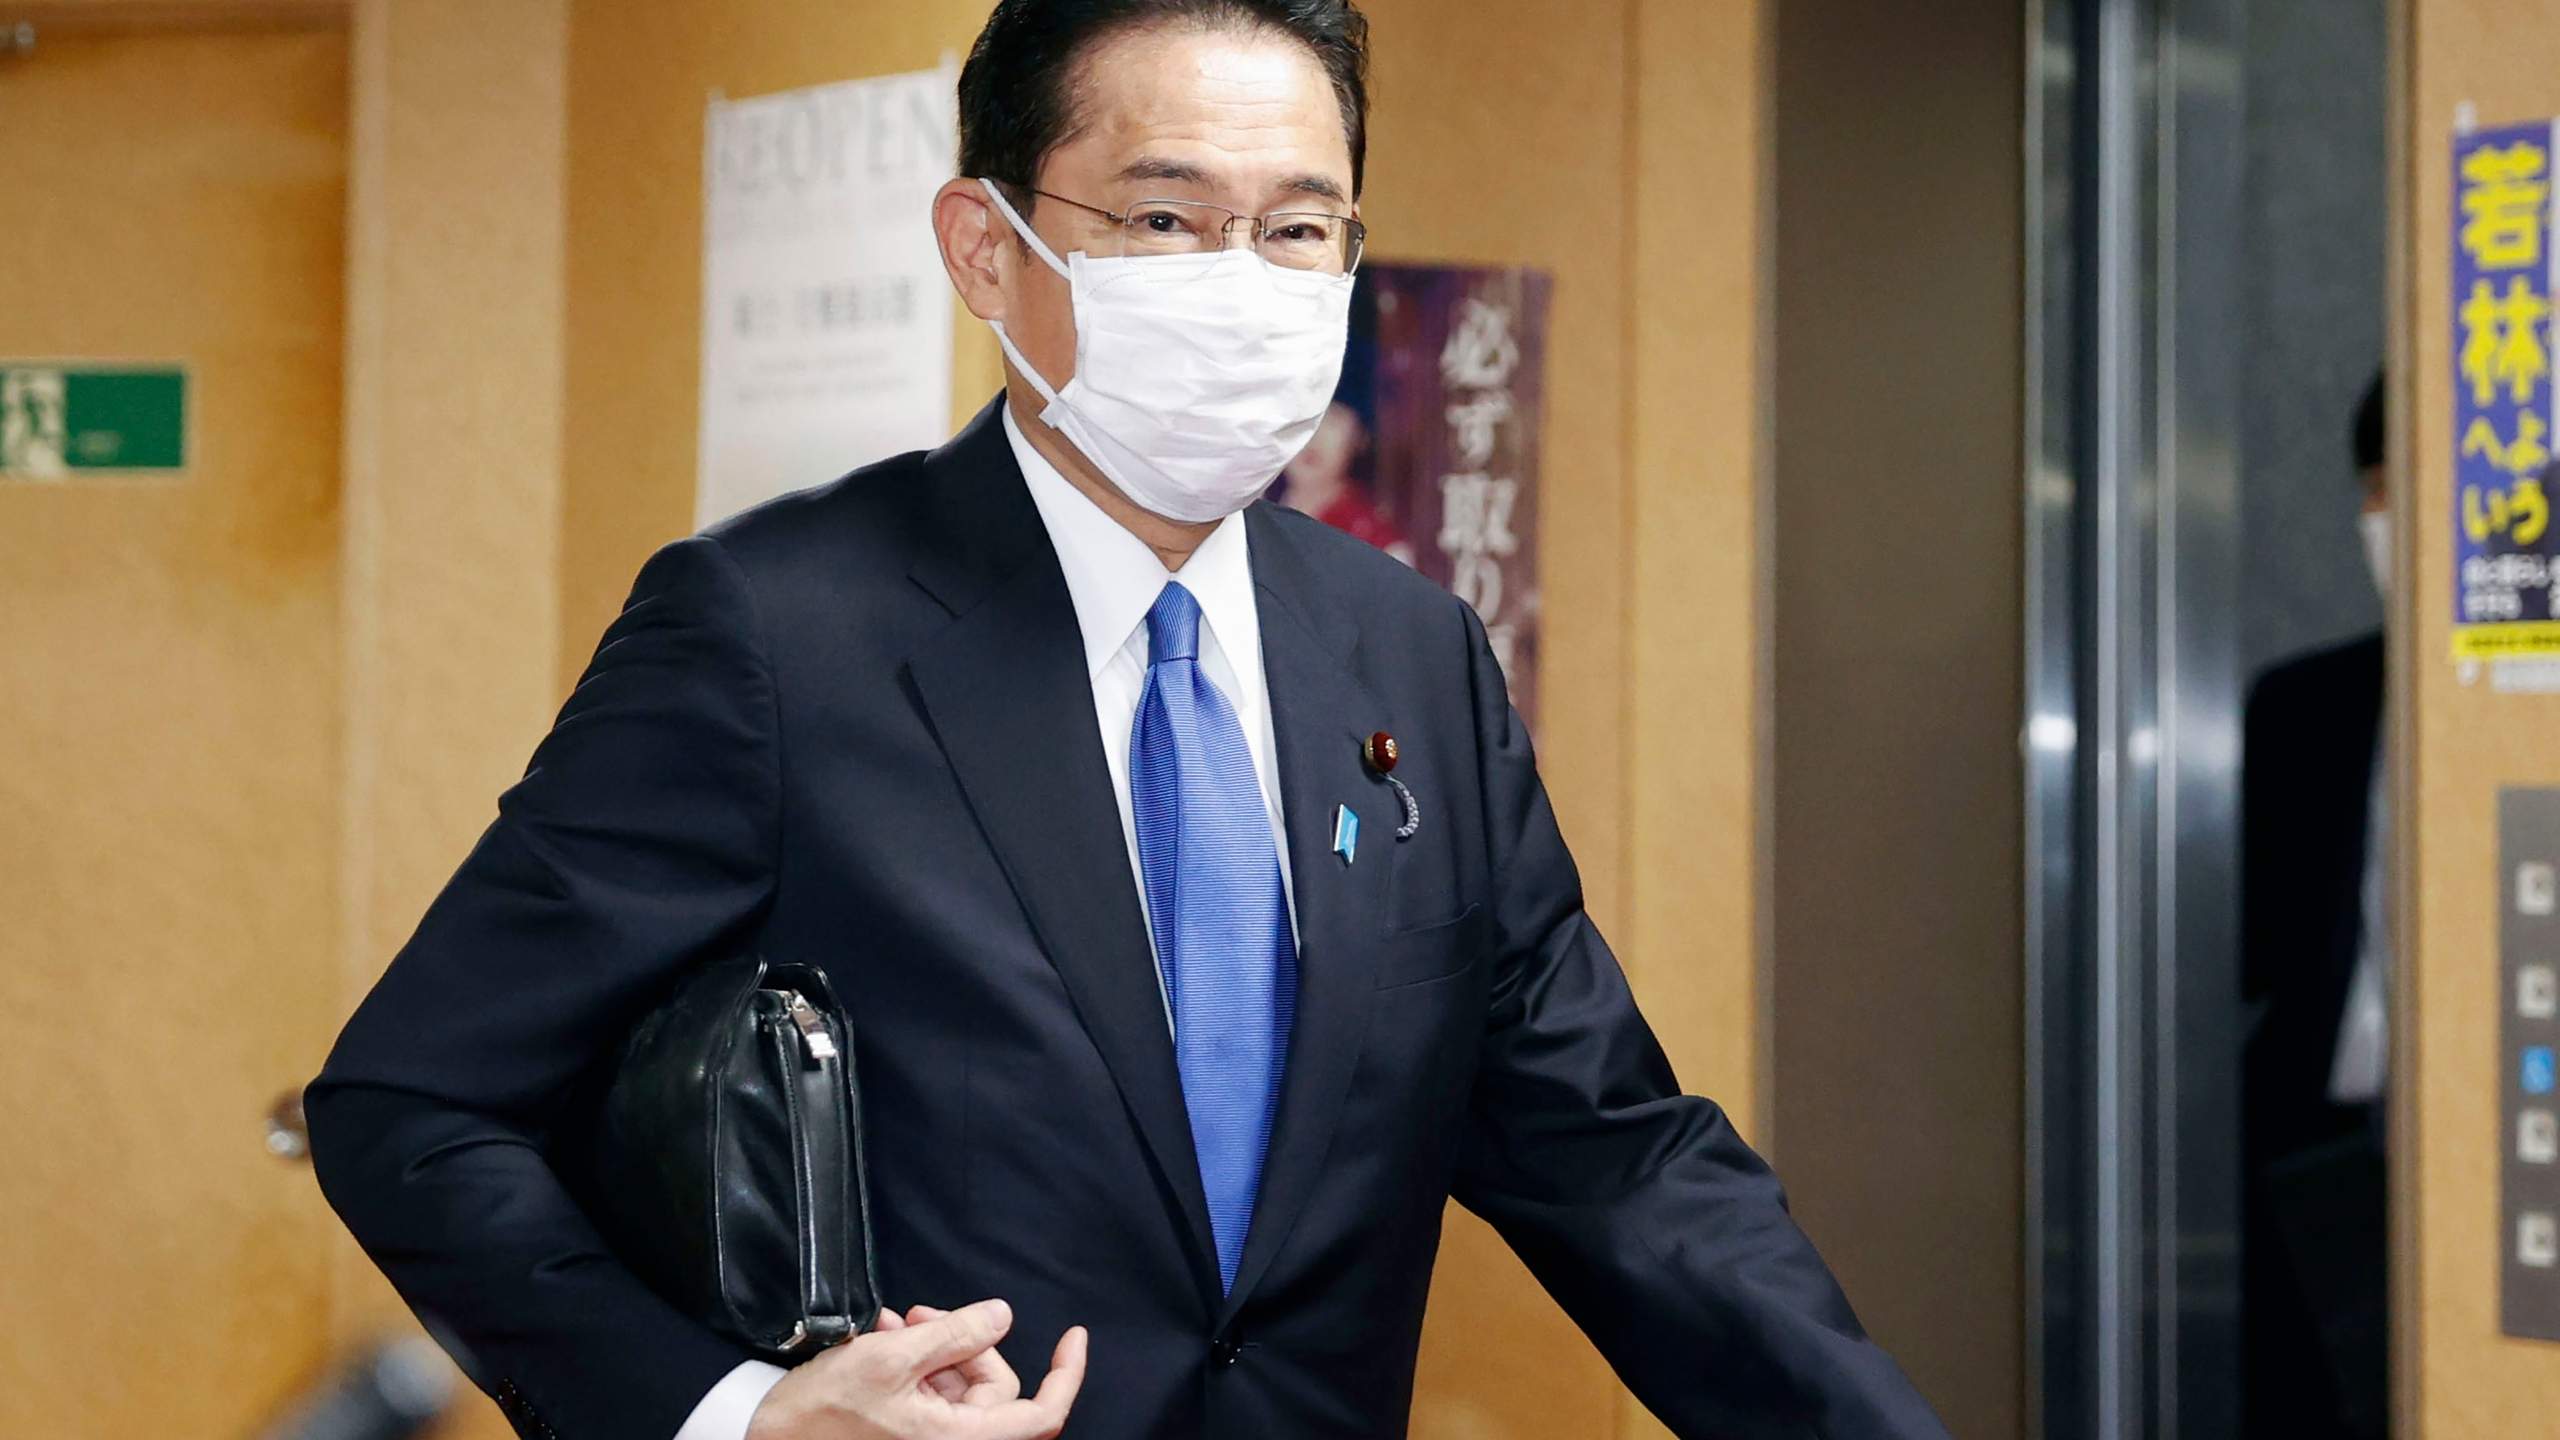 Fumio Kishida